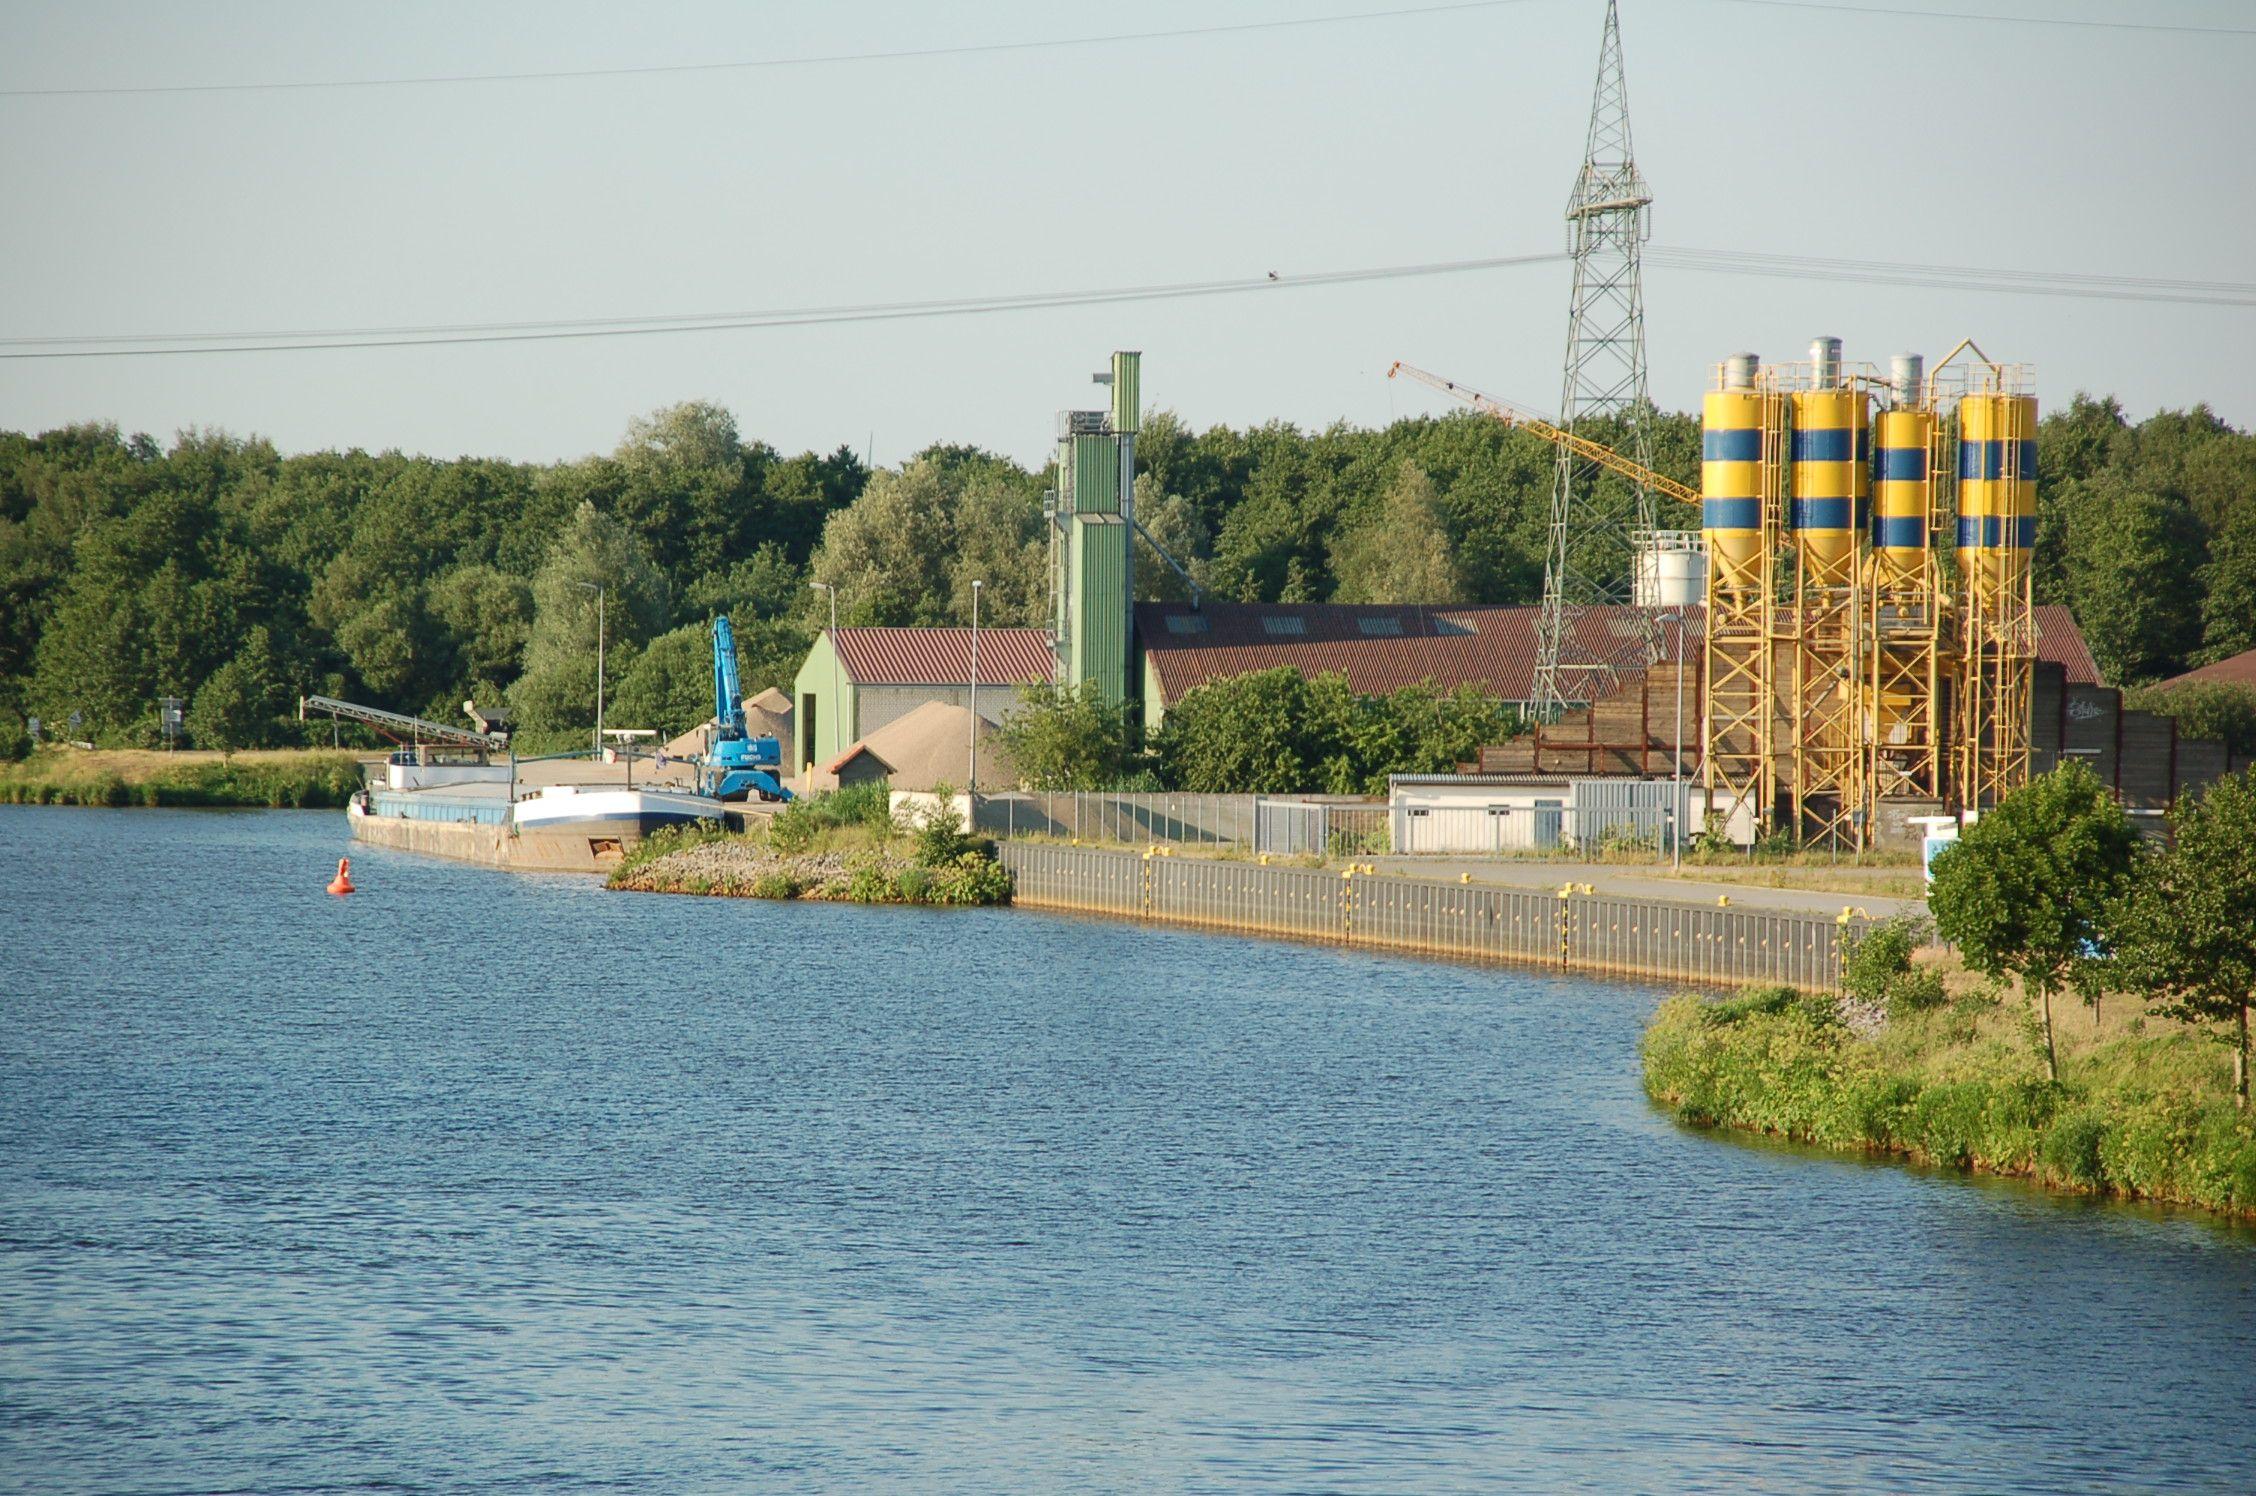 Hafen Lathen